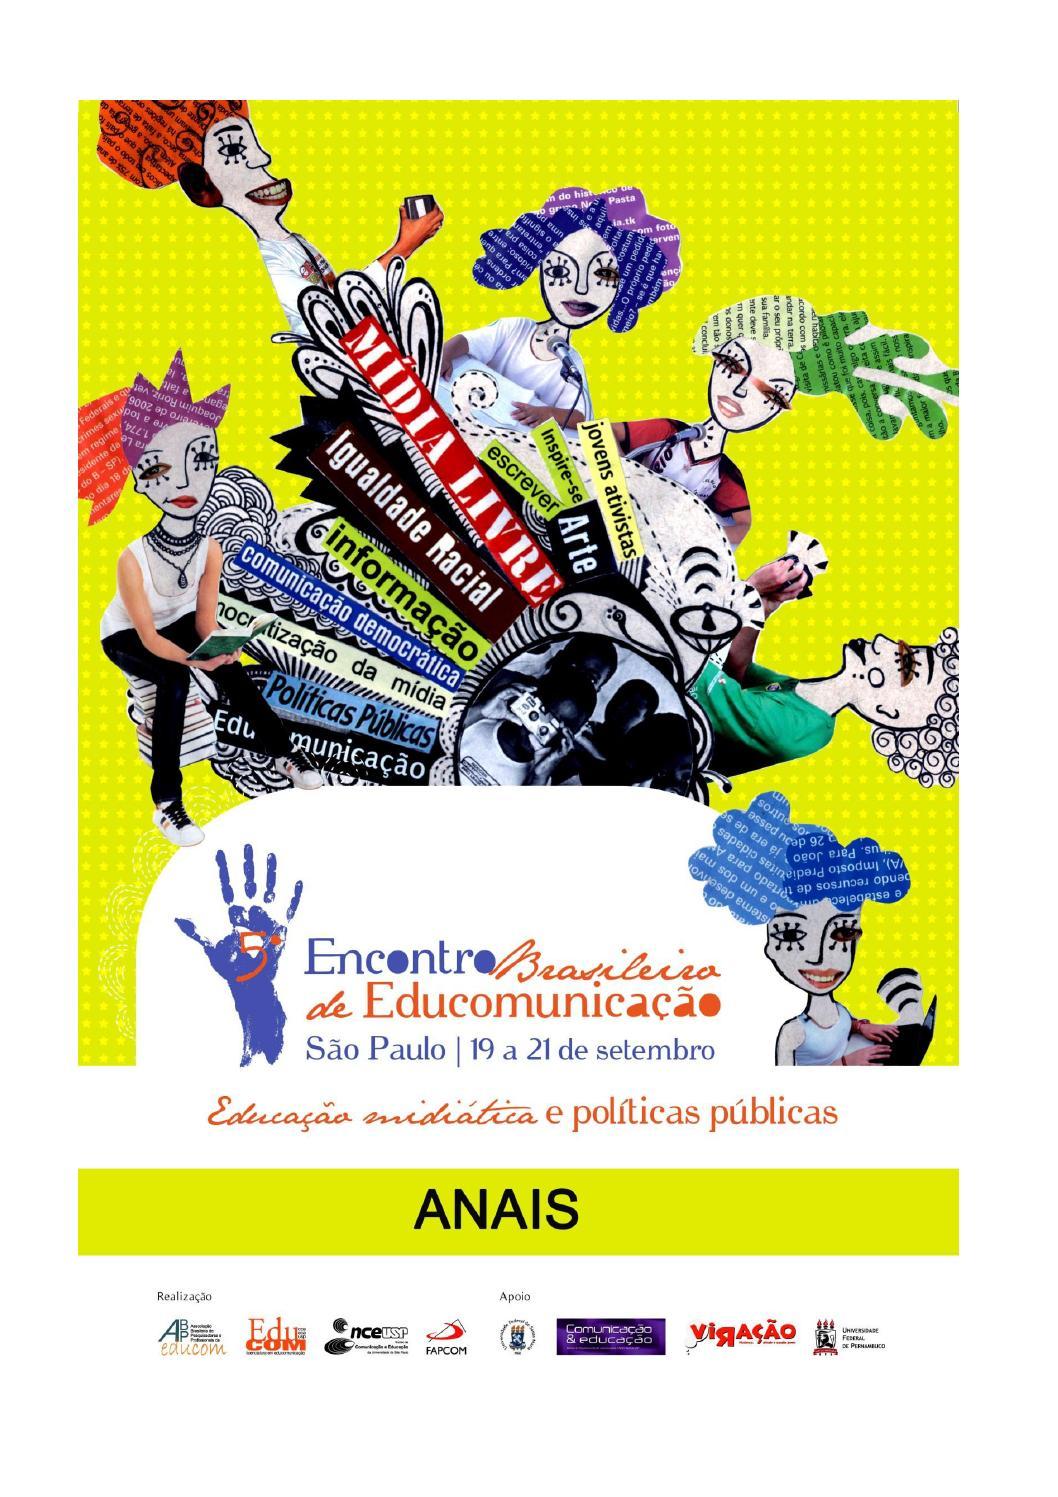 705903f98cb Anais v encontro educomunicacao abpeducom 2014 by ABPEducom - issuu